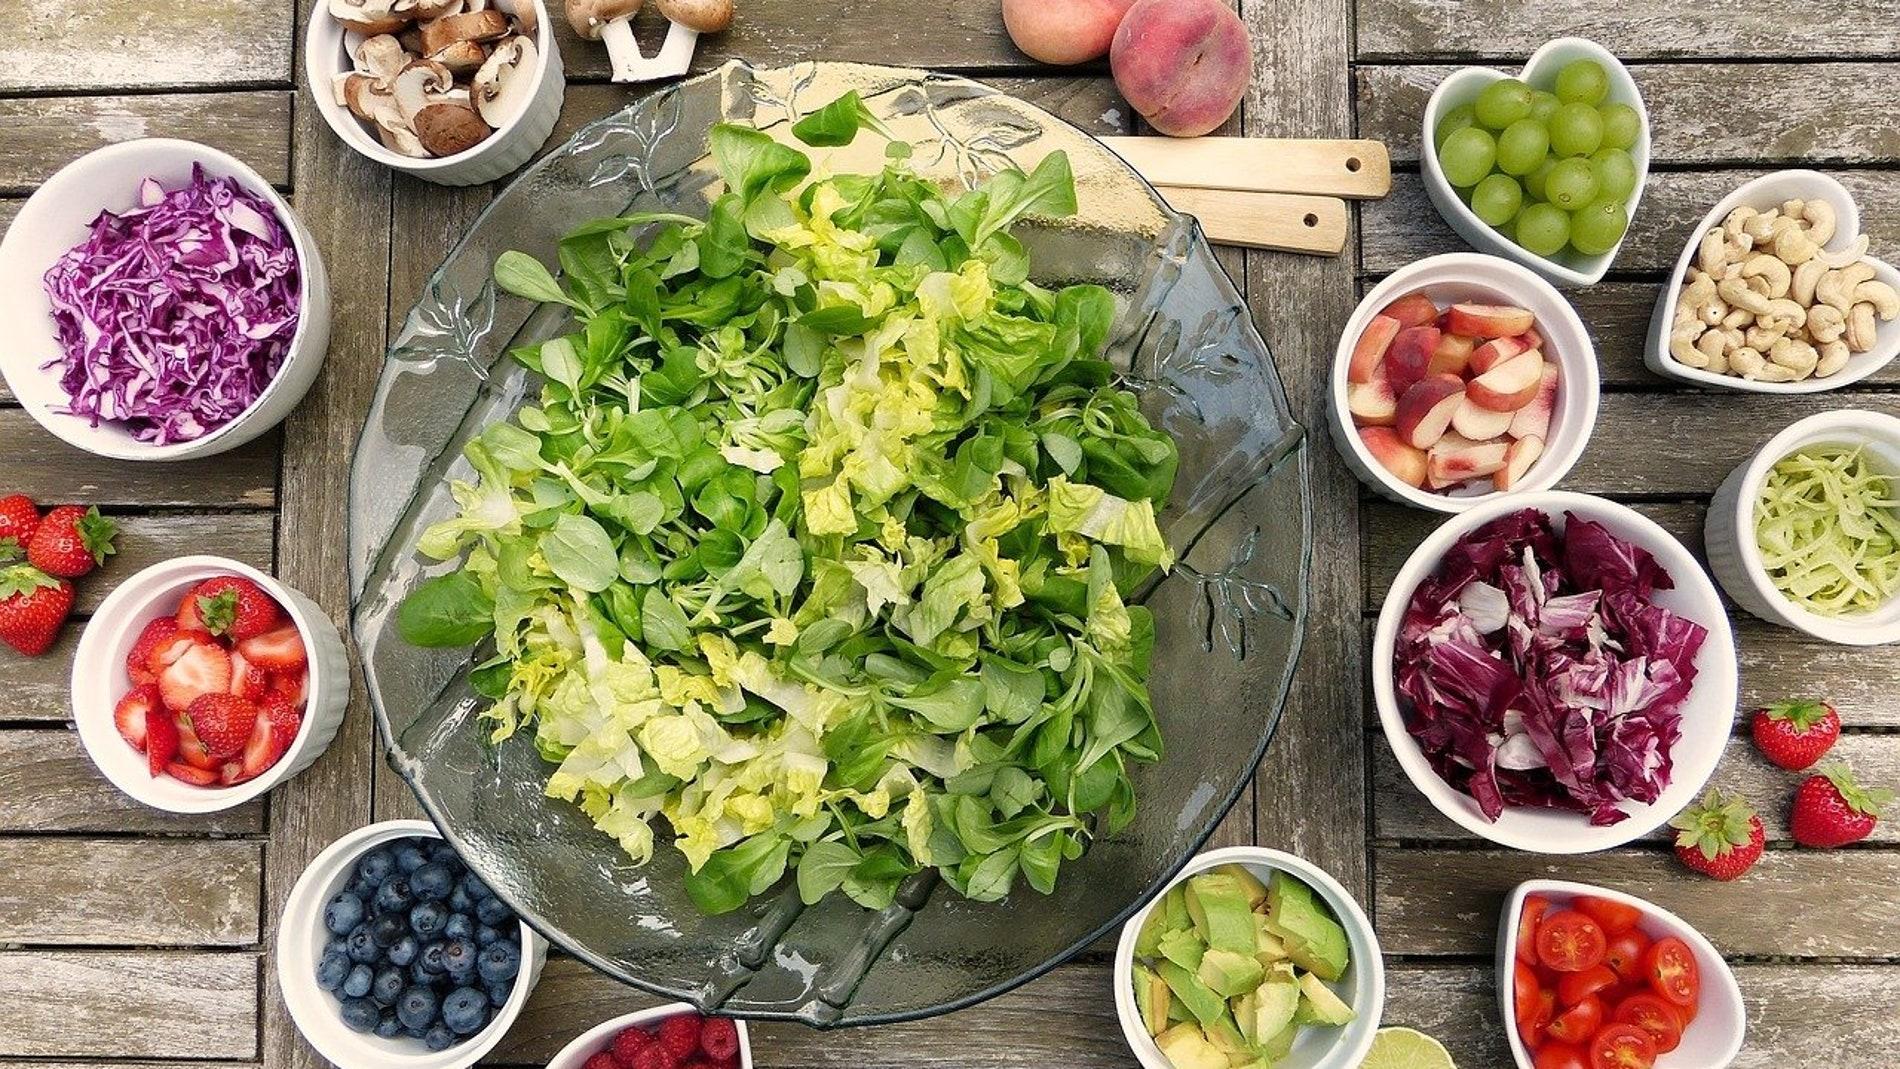 ensalada con varios tipos de acompañamientos vegetales